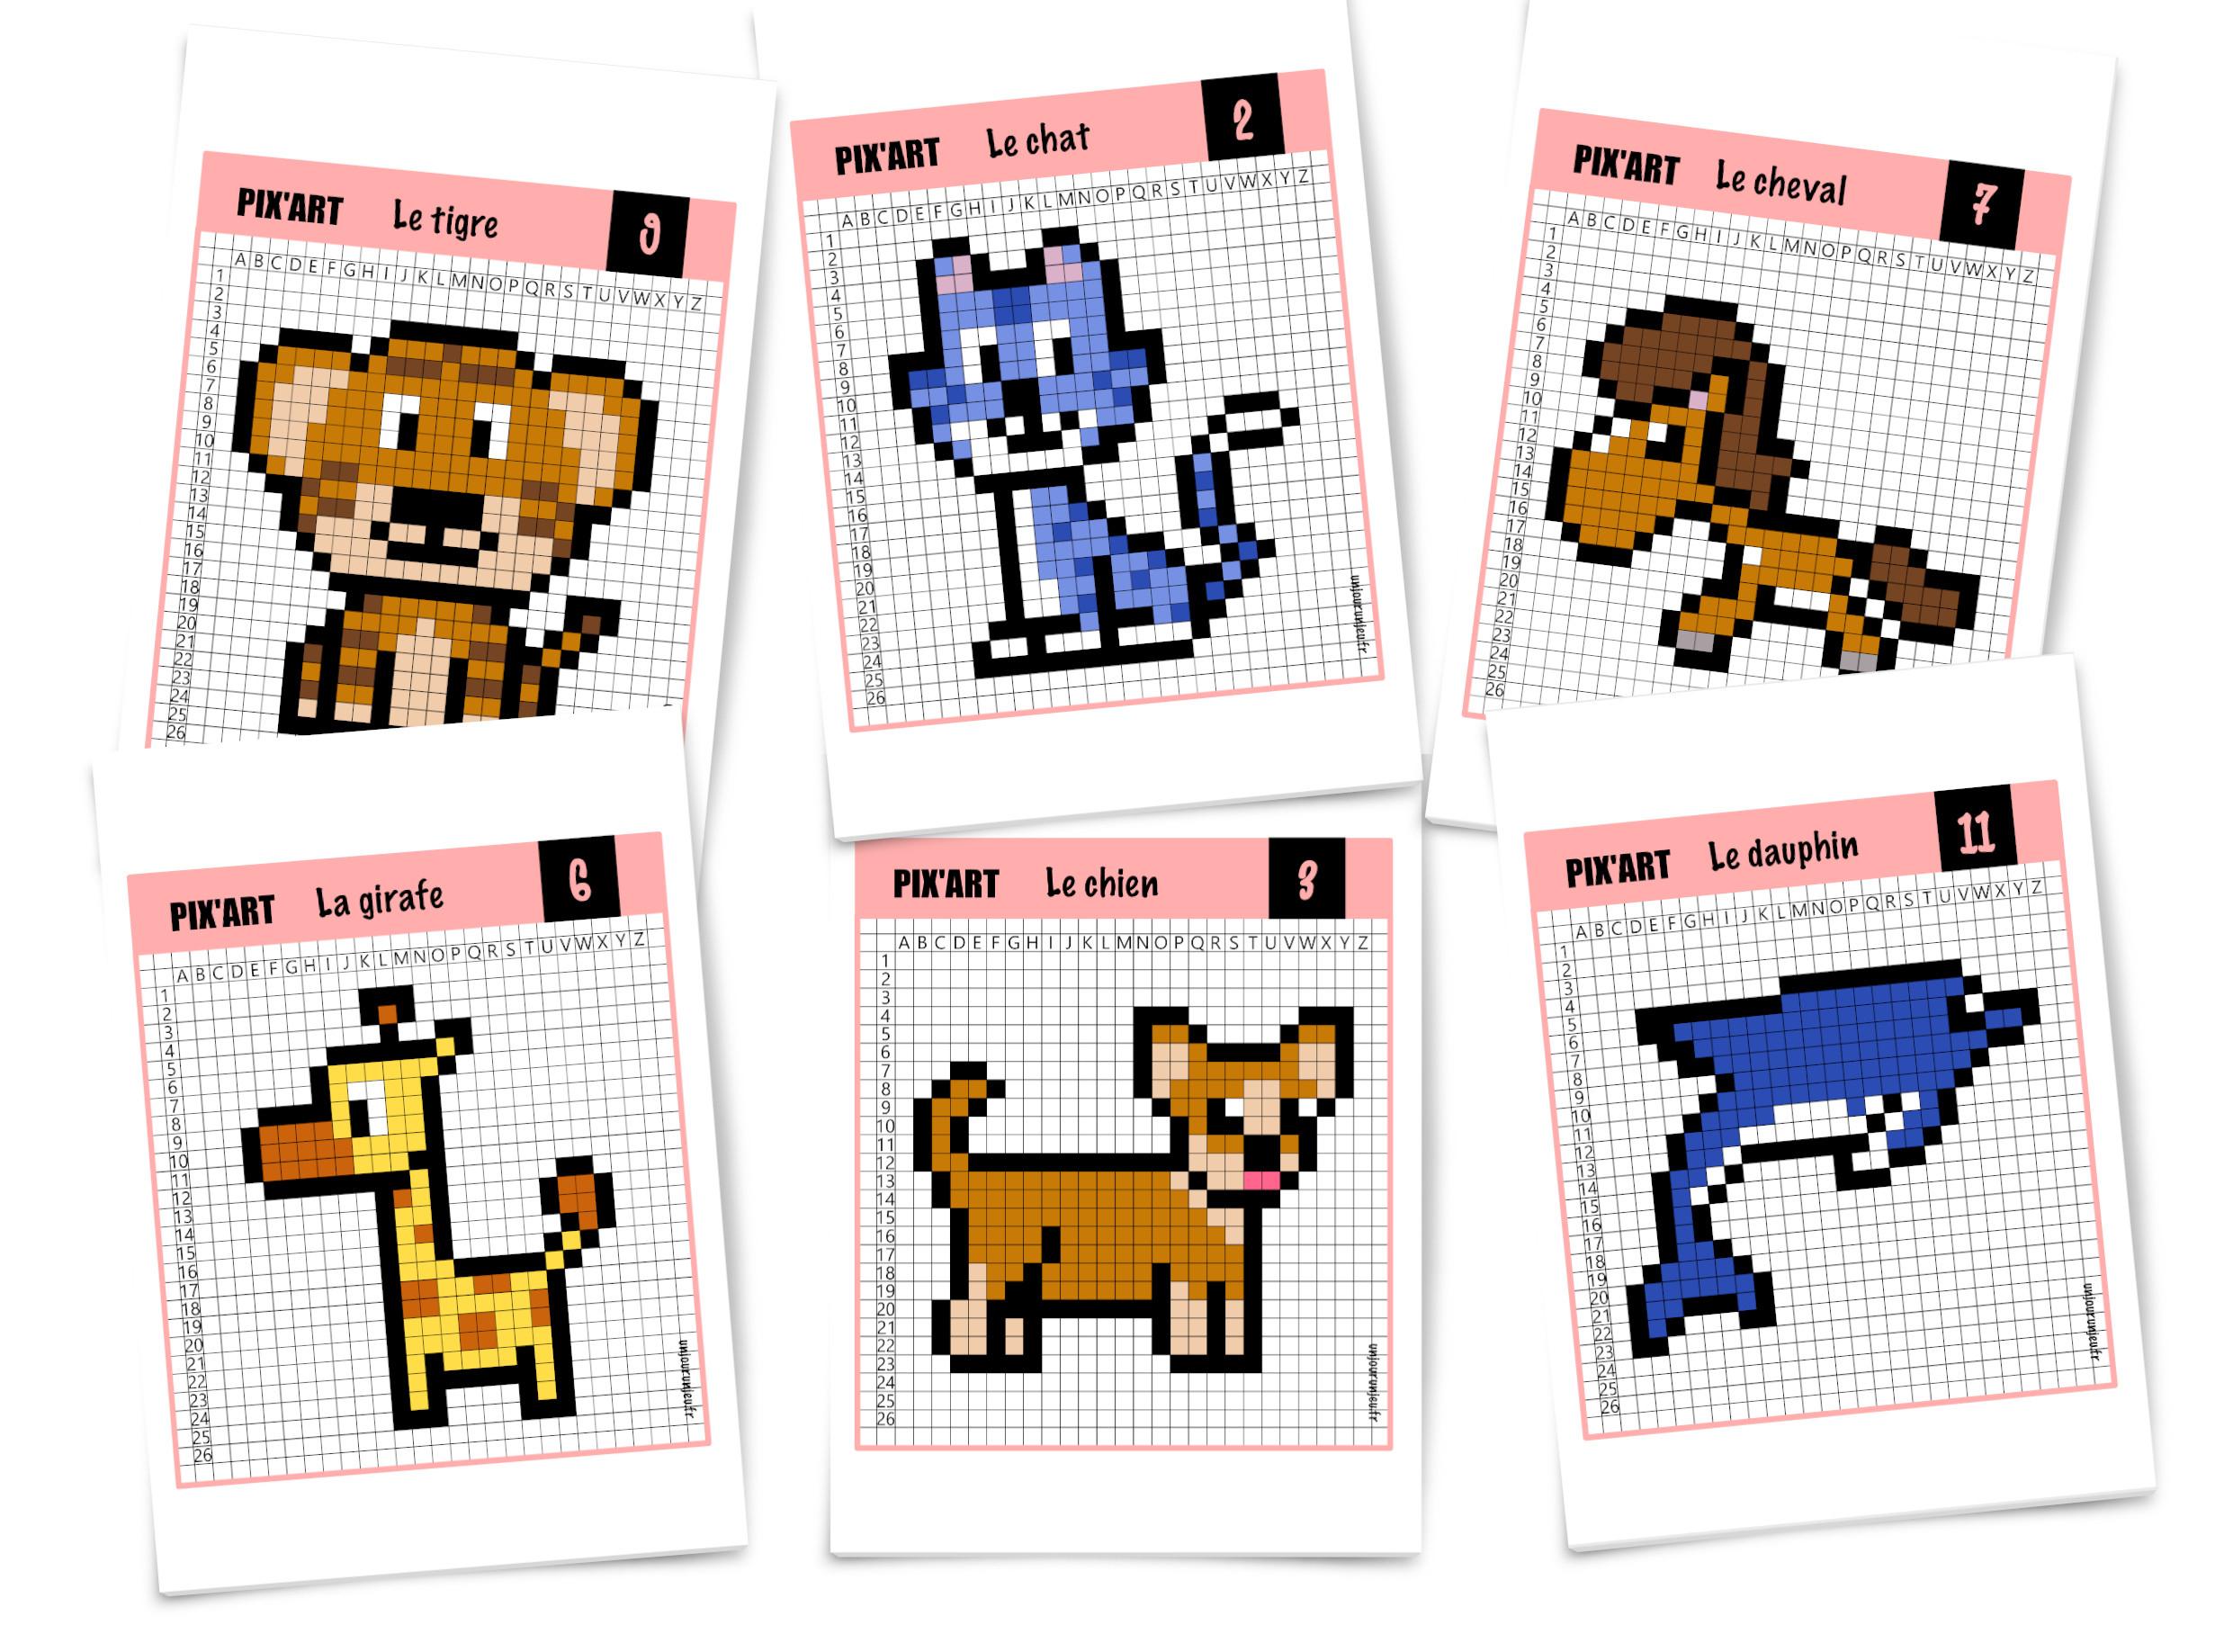 Pixel Art Animaux : 12 Modèles À Télécharger Gratuitement encequiconcerne Jeux De Fille Gratuit D Animaux